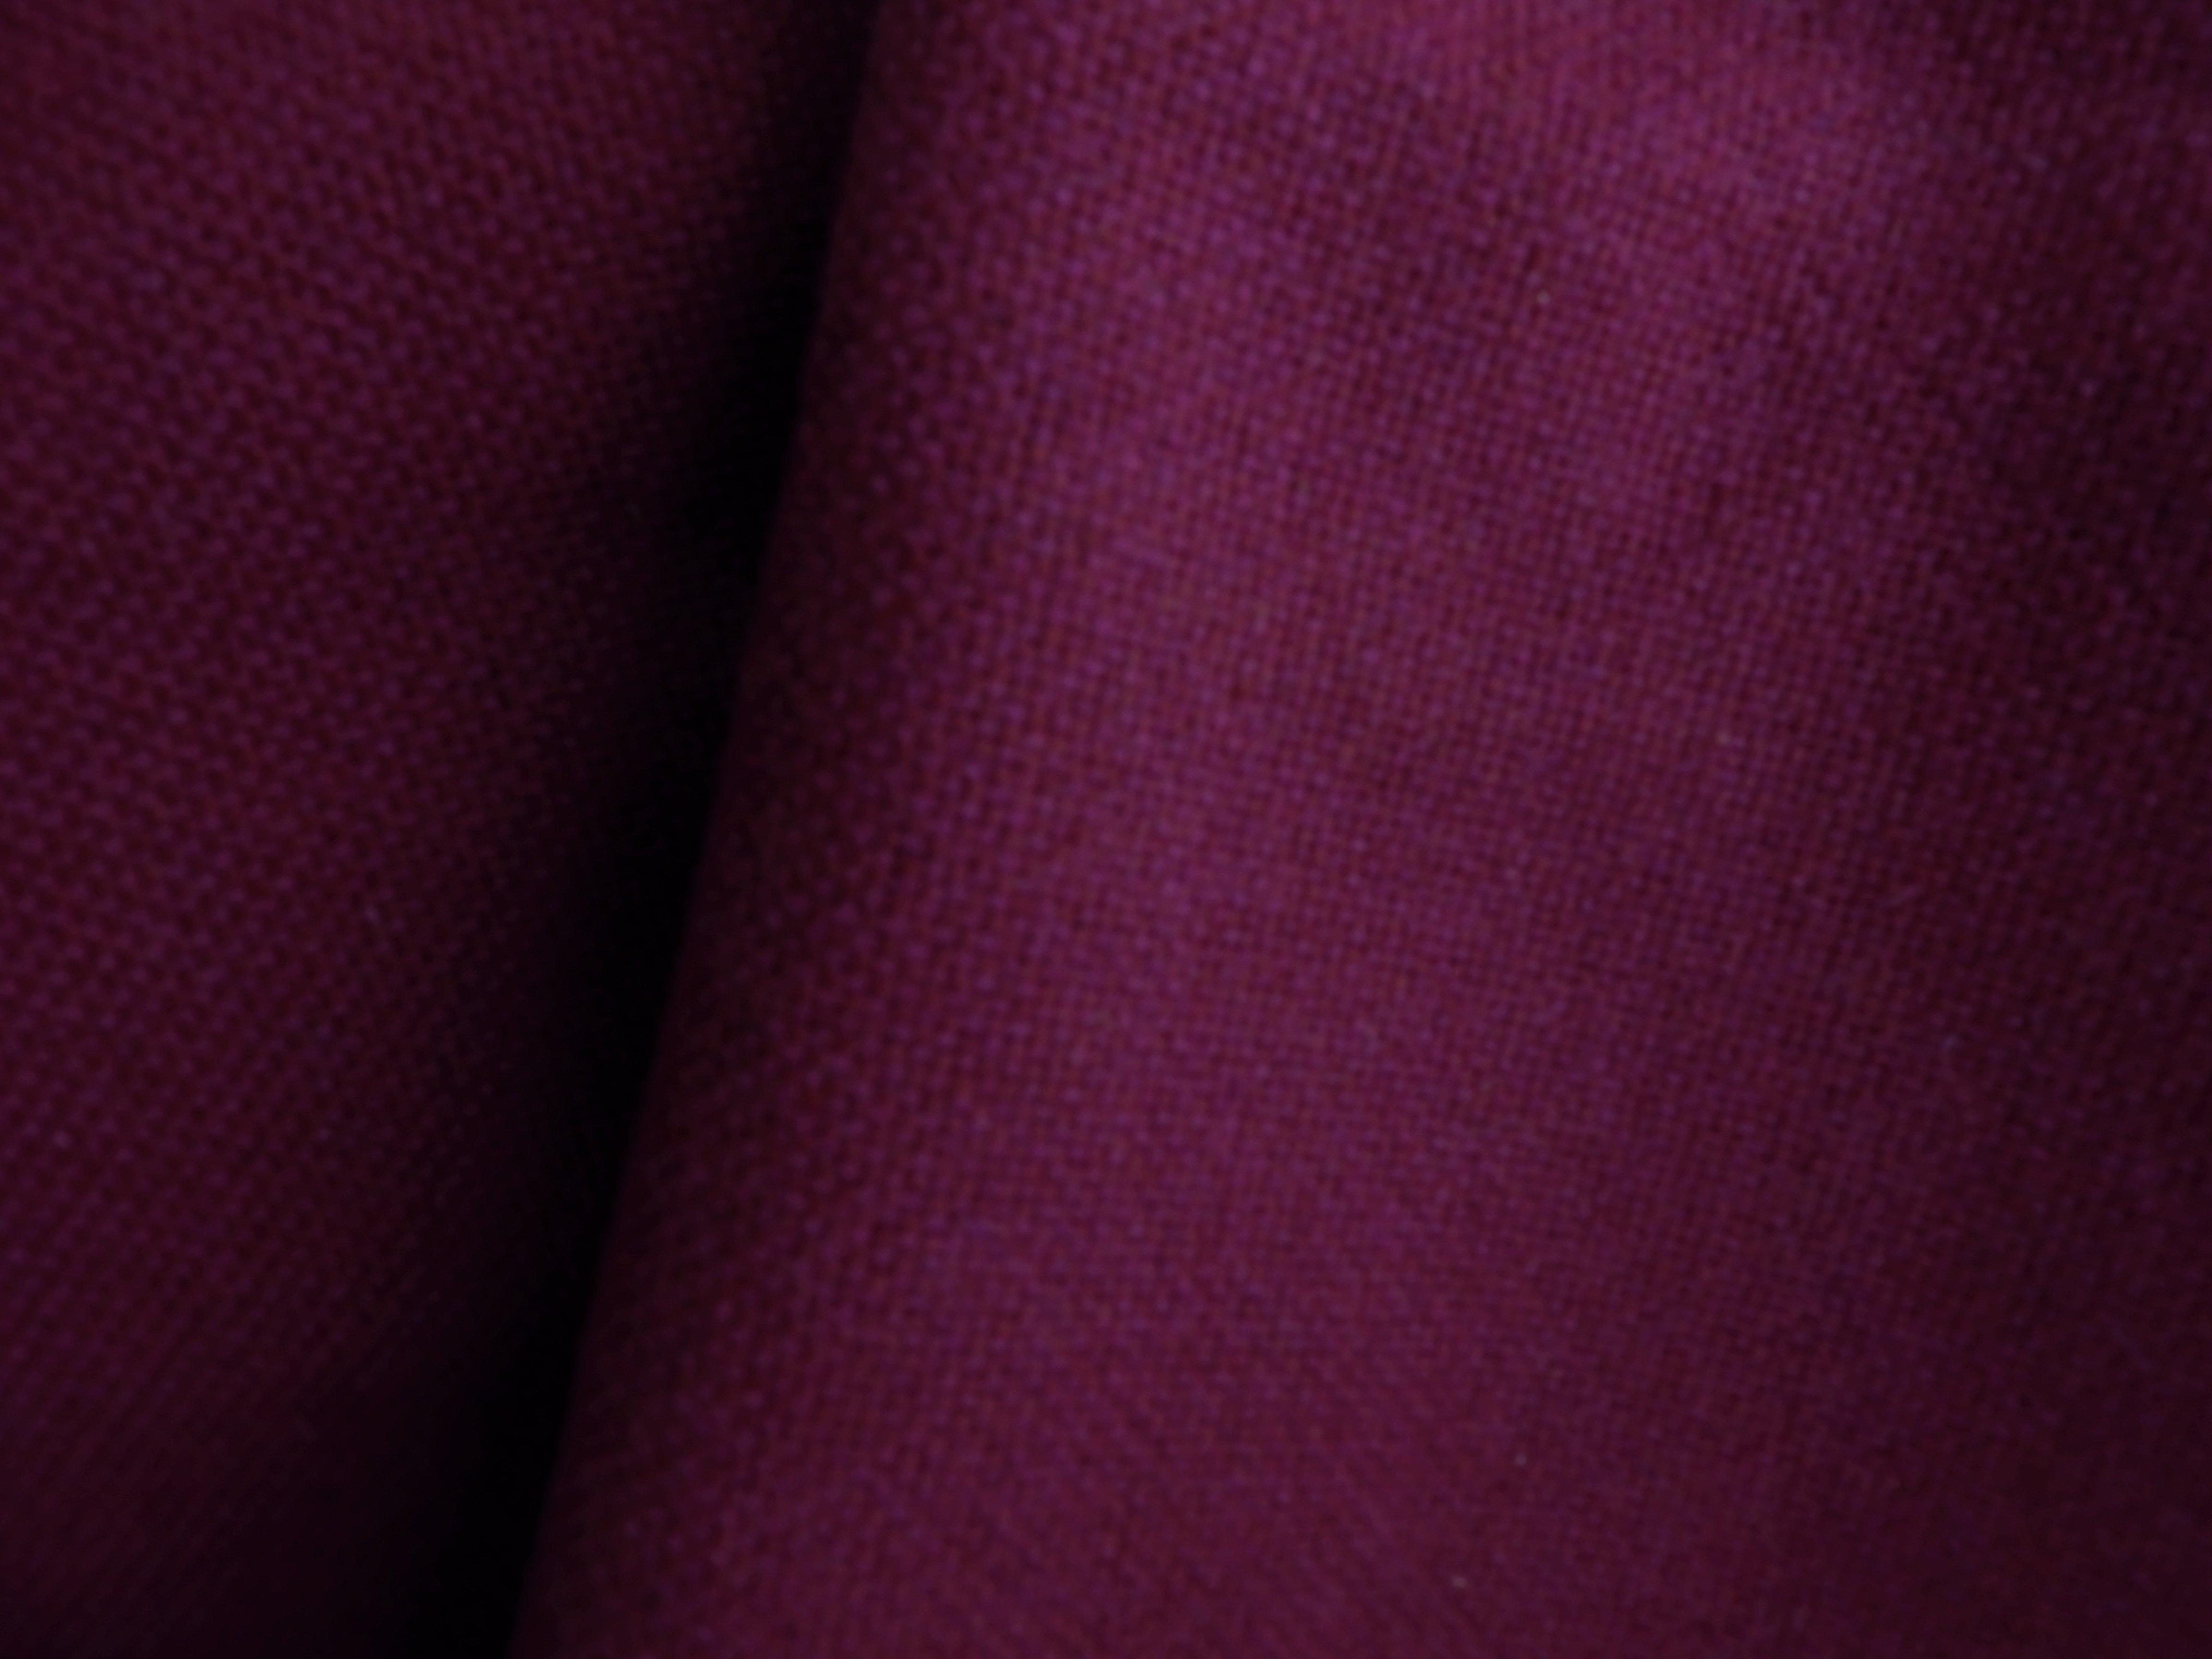 tissu tete de lit ou tissu canapé prune